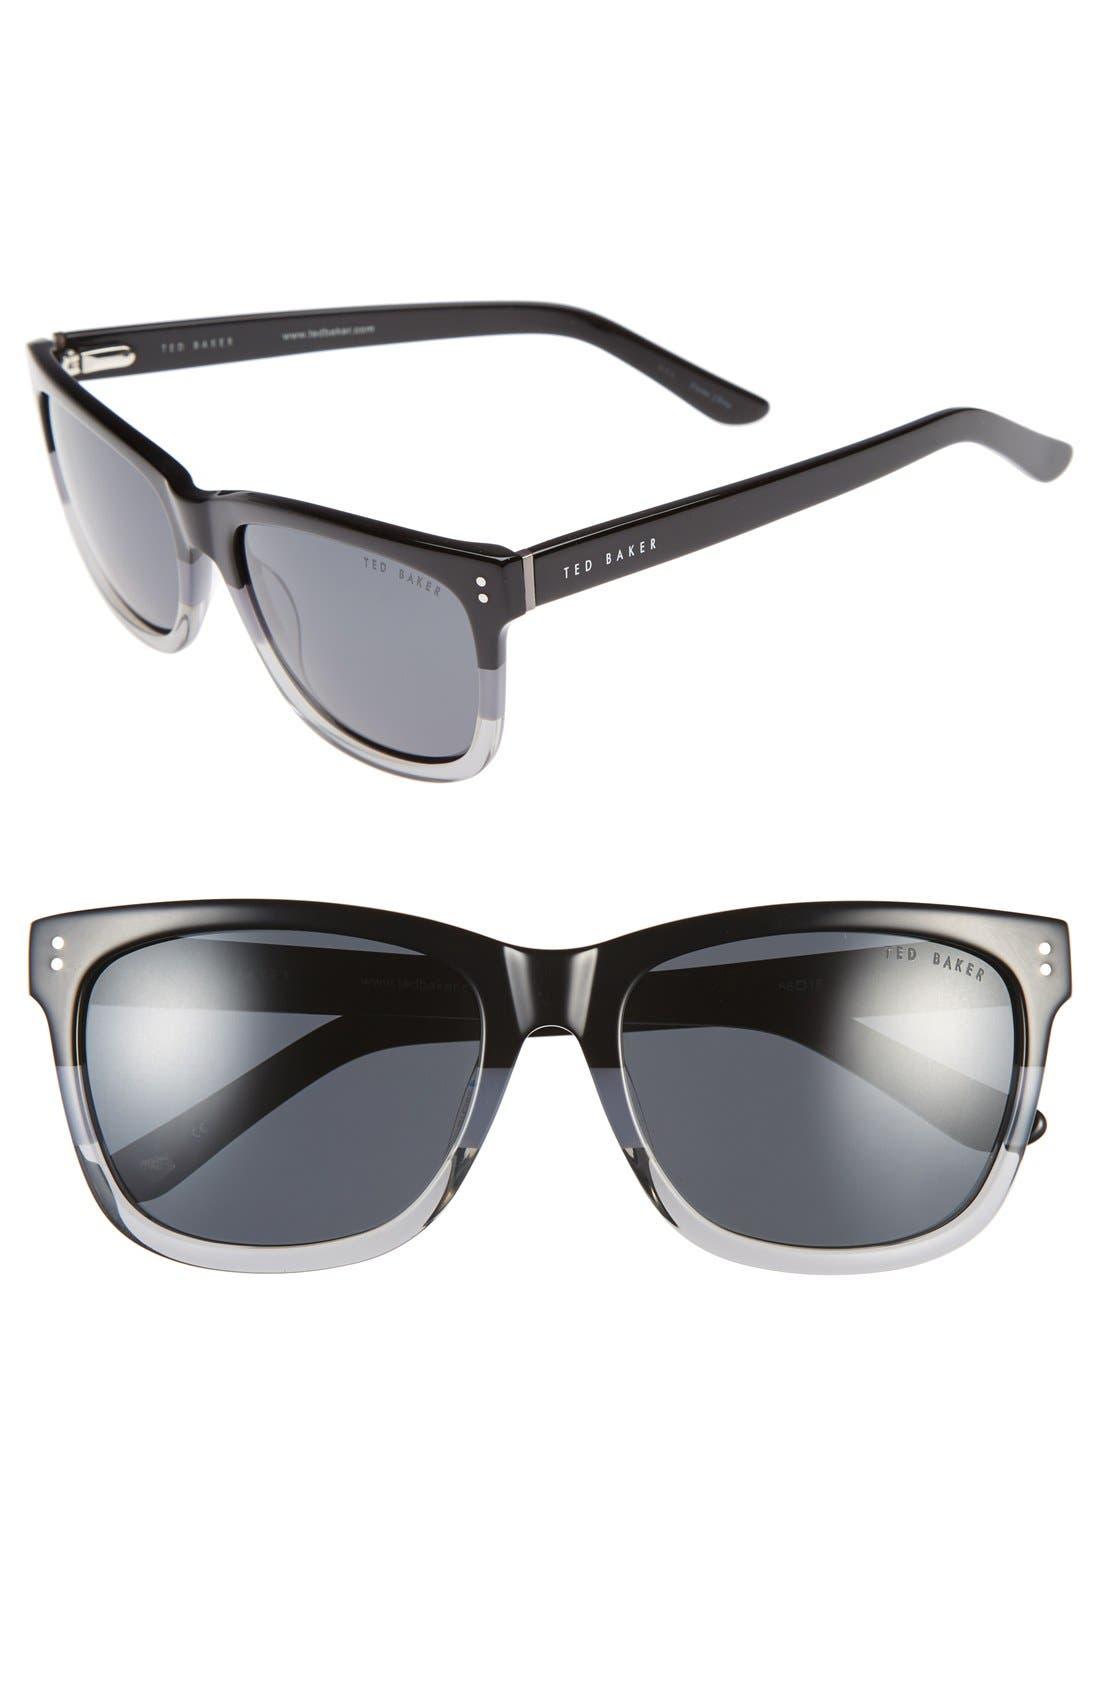 56mm Polarized Retro Sunglasses,                         Main,                         color, Black Fade